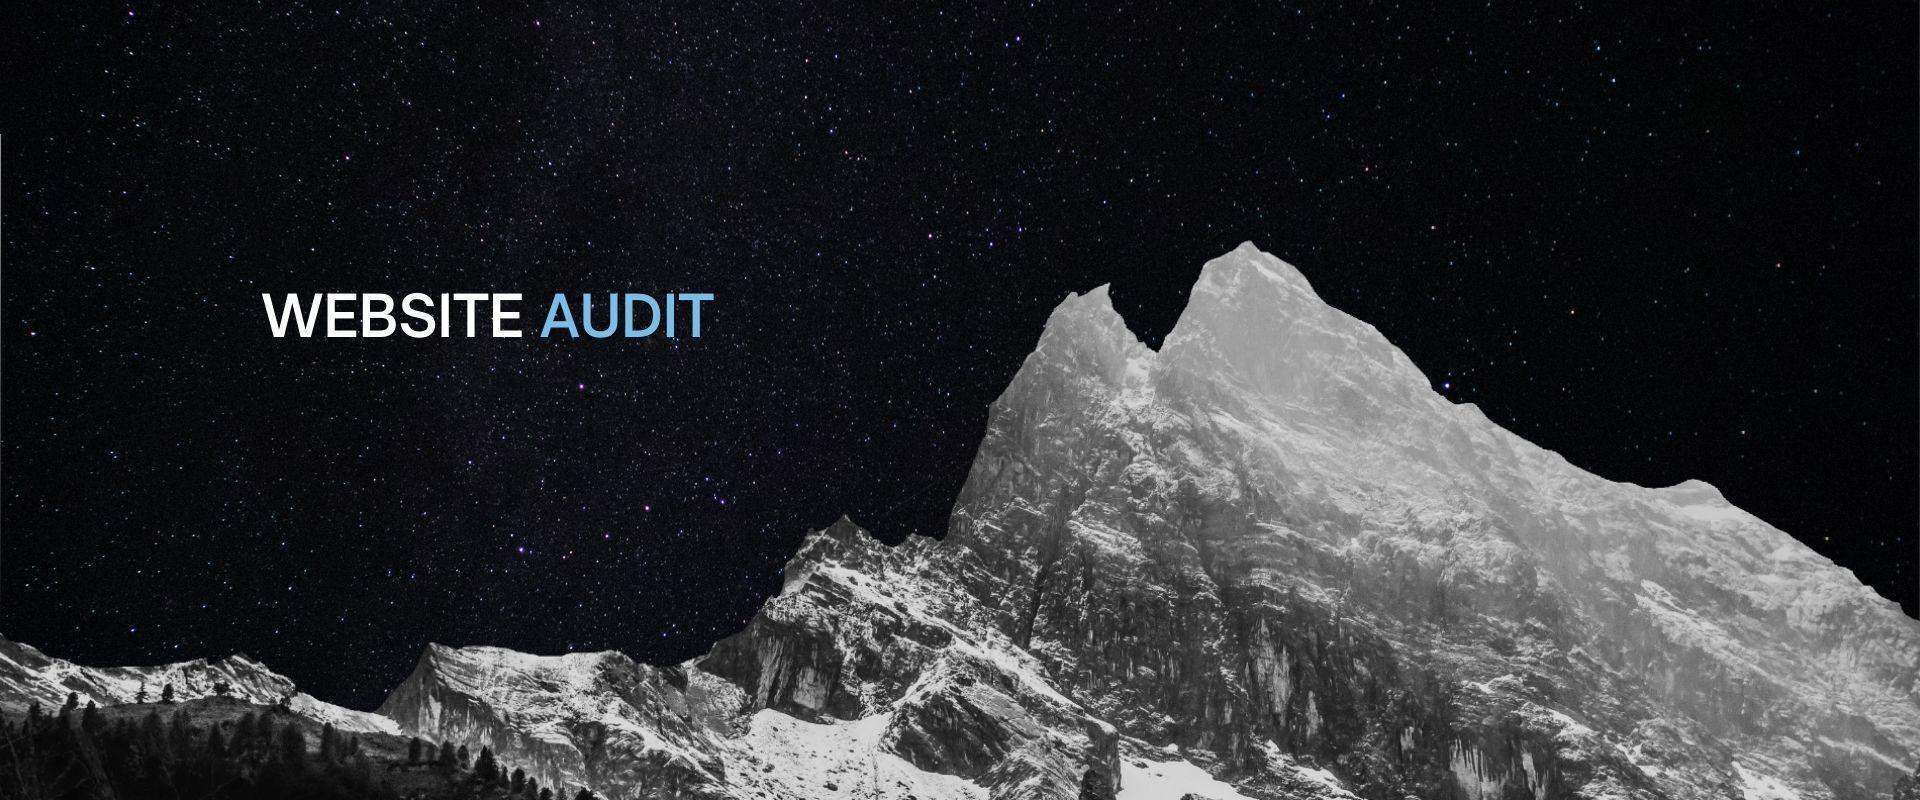 Website Audit by Above Media